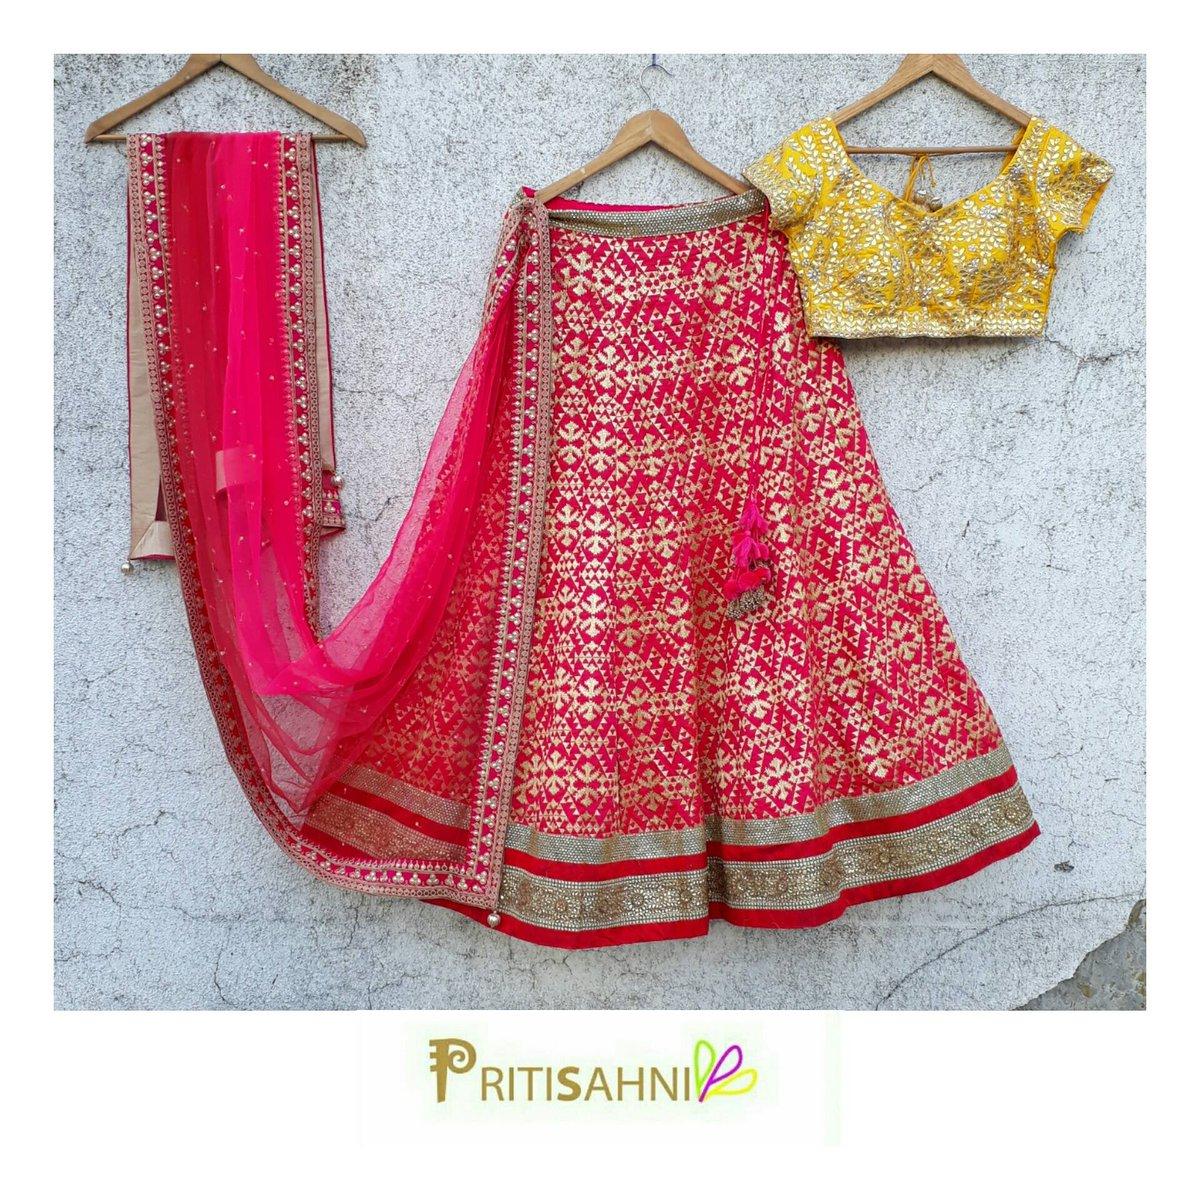 PRITISAHNI DESIGNS. Preti by Priti Sahni.  Whatsapp : +91-9022 617 481.